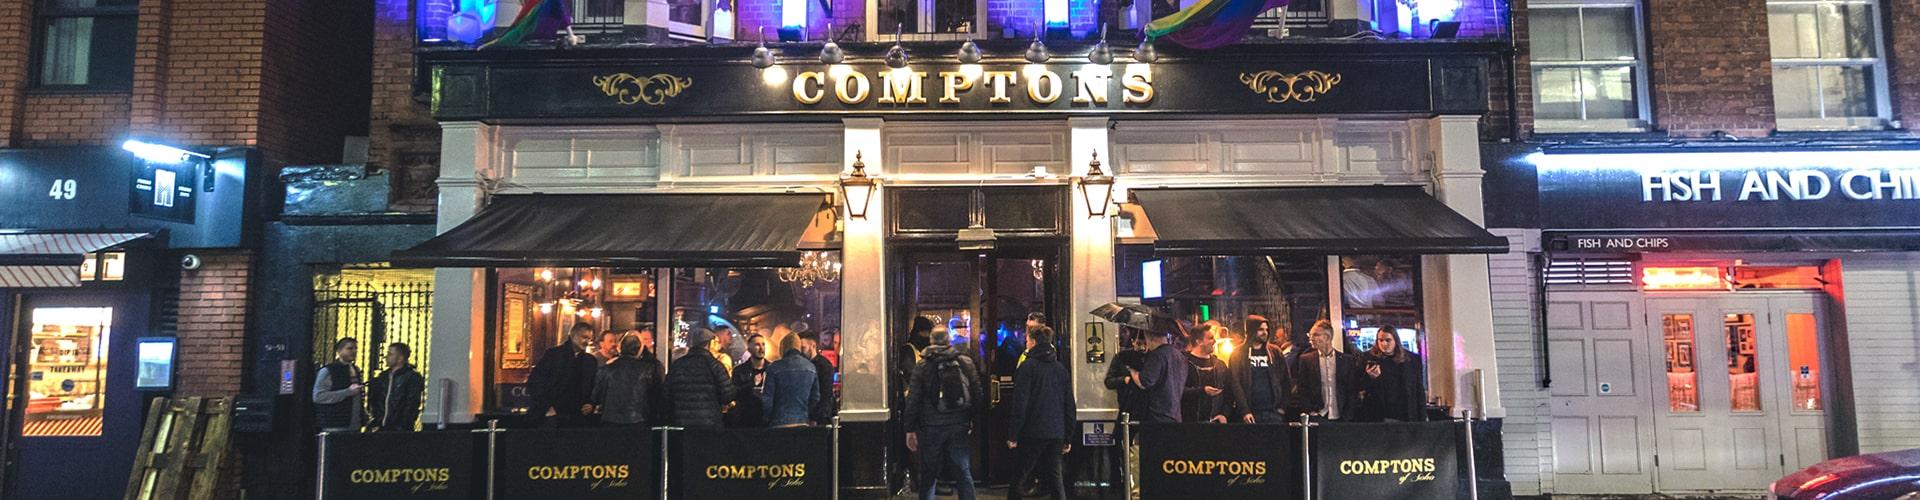 2020 - Venues - Comptons Soho